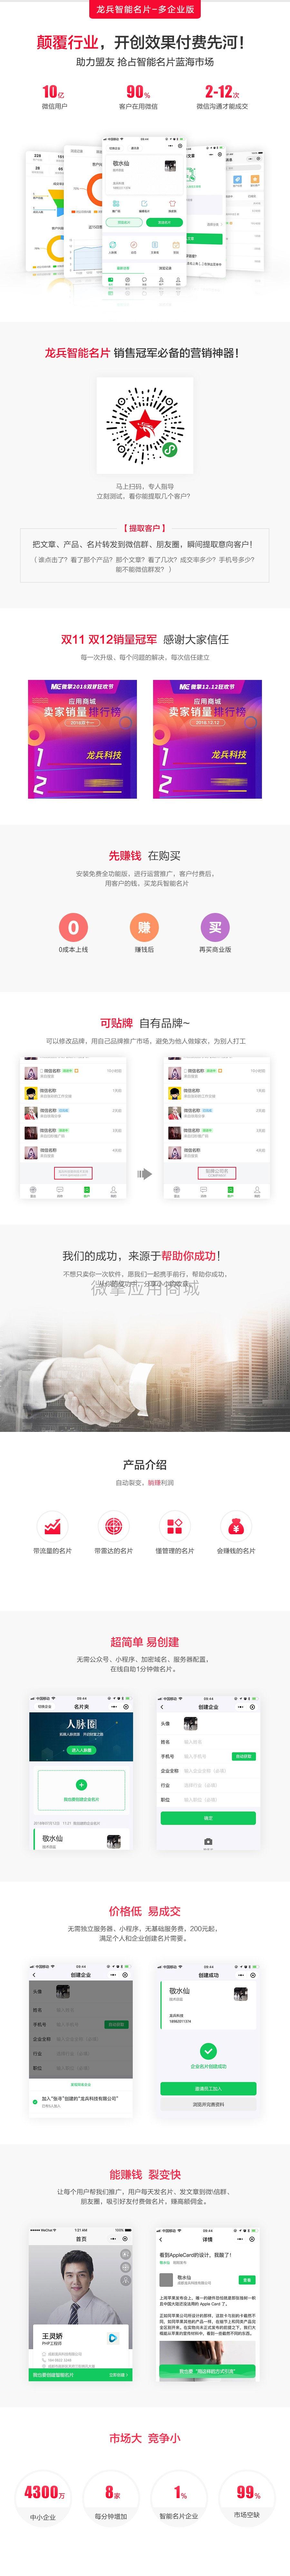 微疑小法式 龙兵智能手刺多网站seo的分析工具-企业小法式V2.3.3 开源版-幽灵米